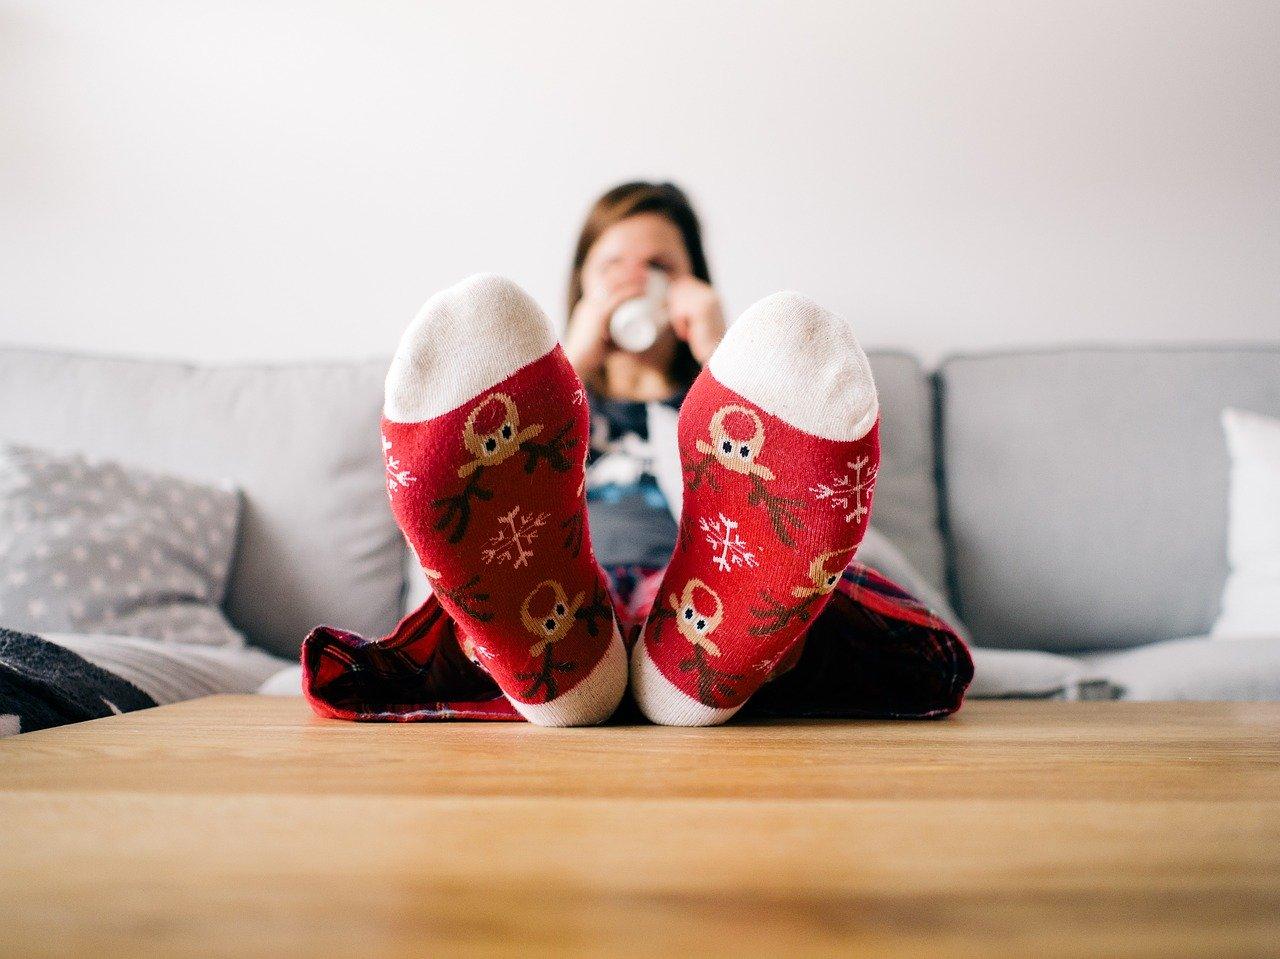 【フローリングは足が冷える】冬の部屋の足元が寒い時の対策 パネルヒータなど対策グッズ